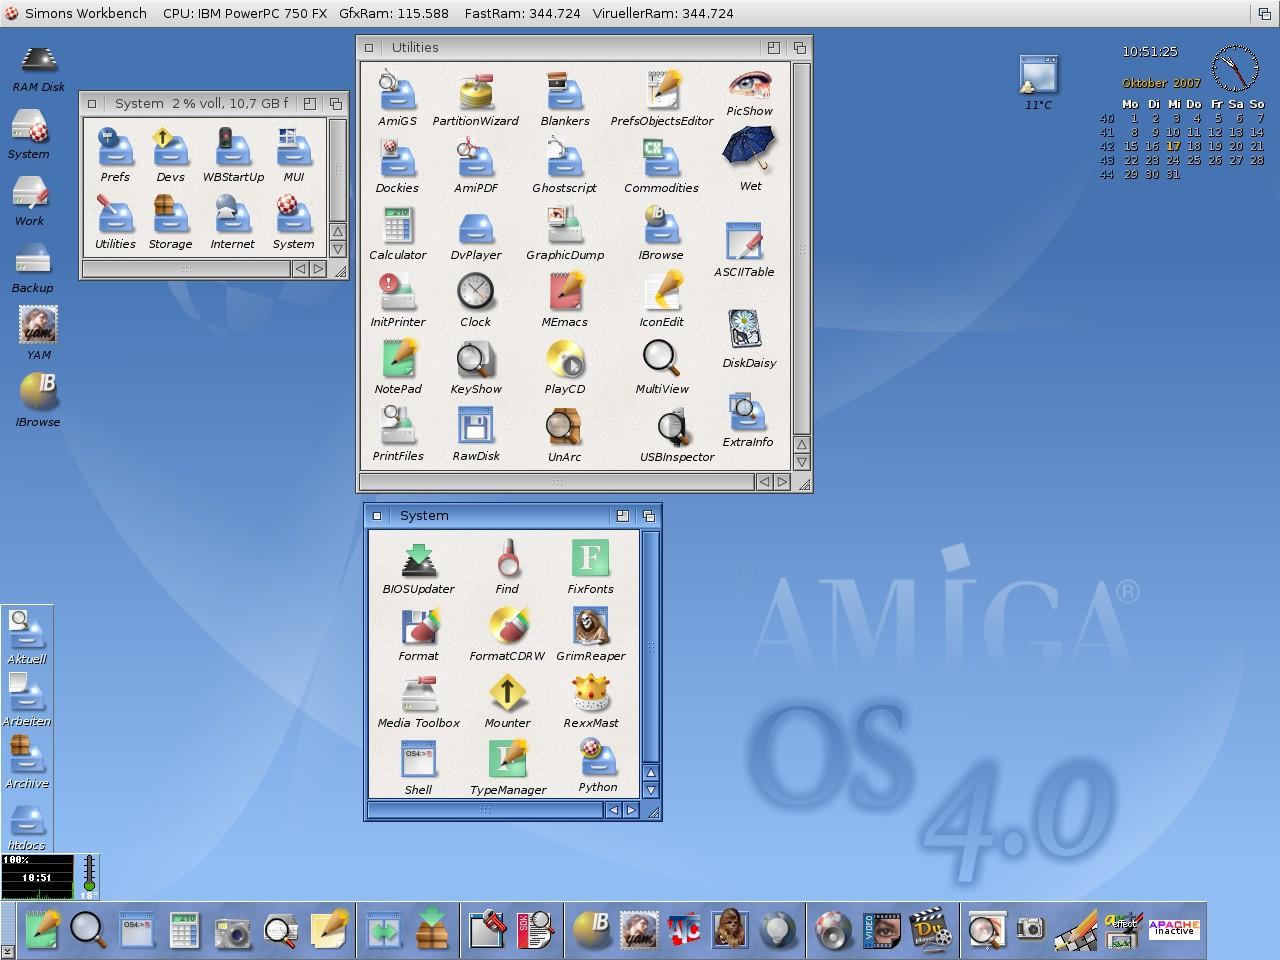 Basic AmigaOS 4.0 interface